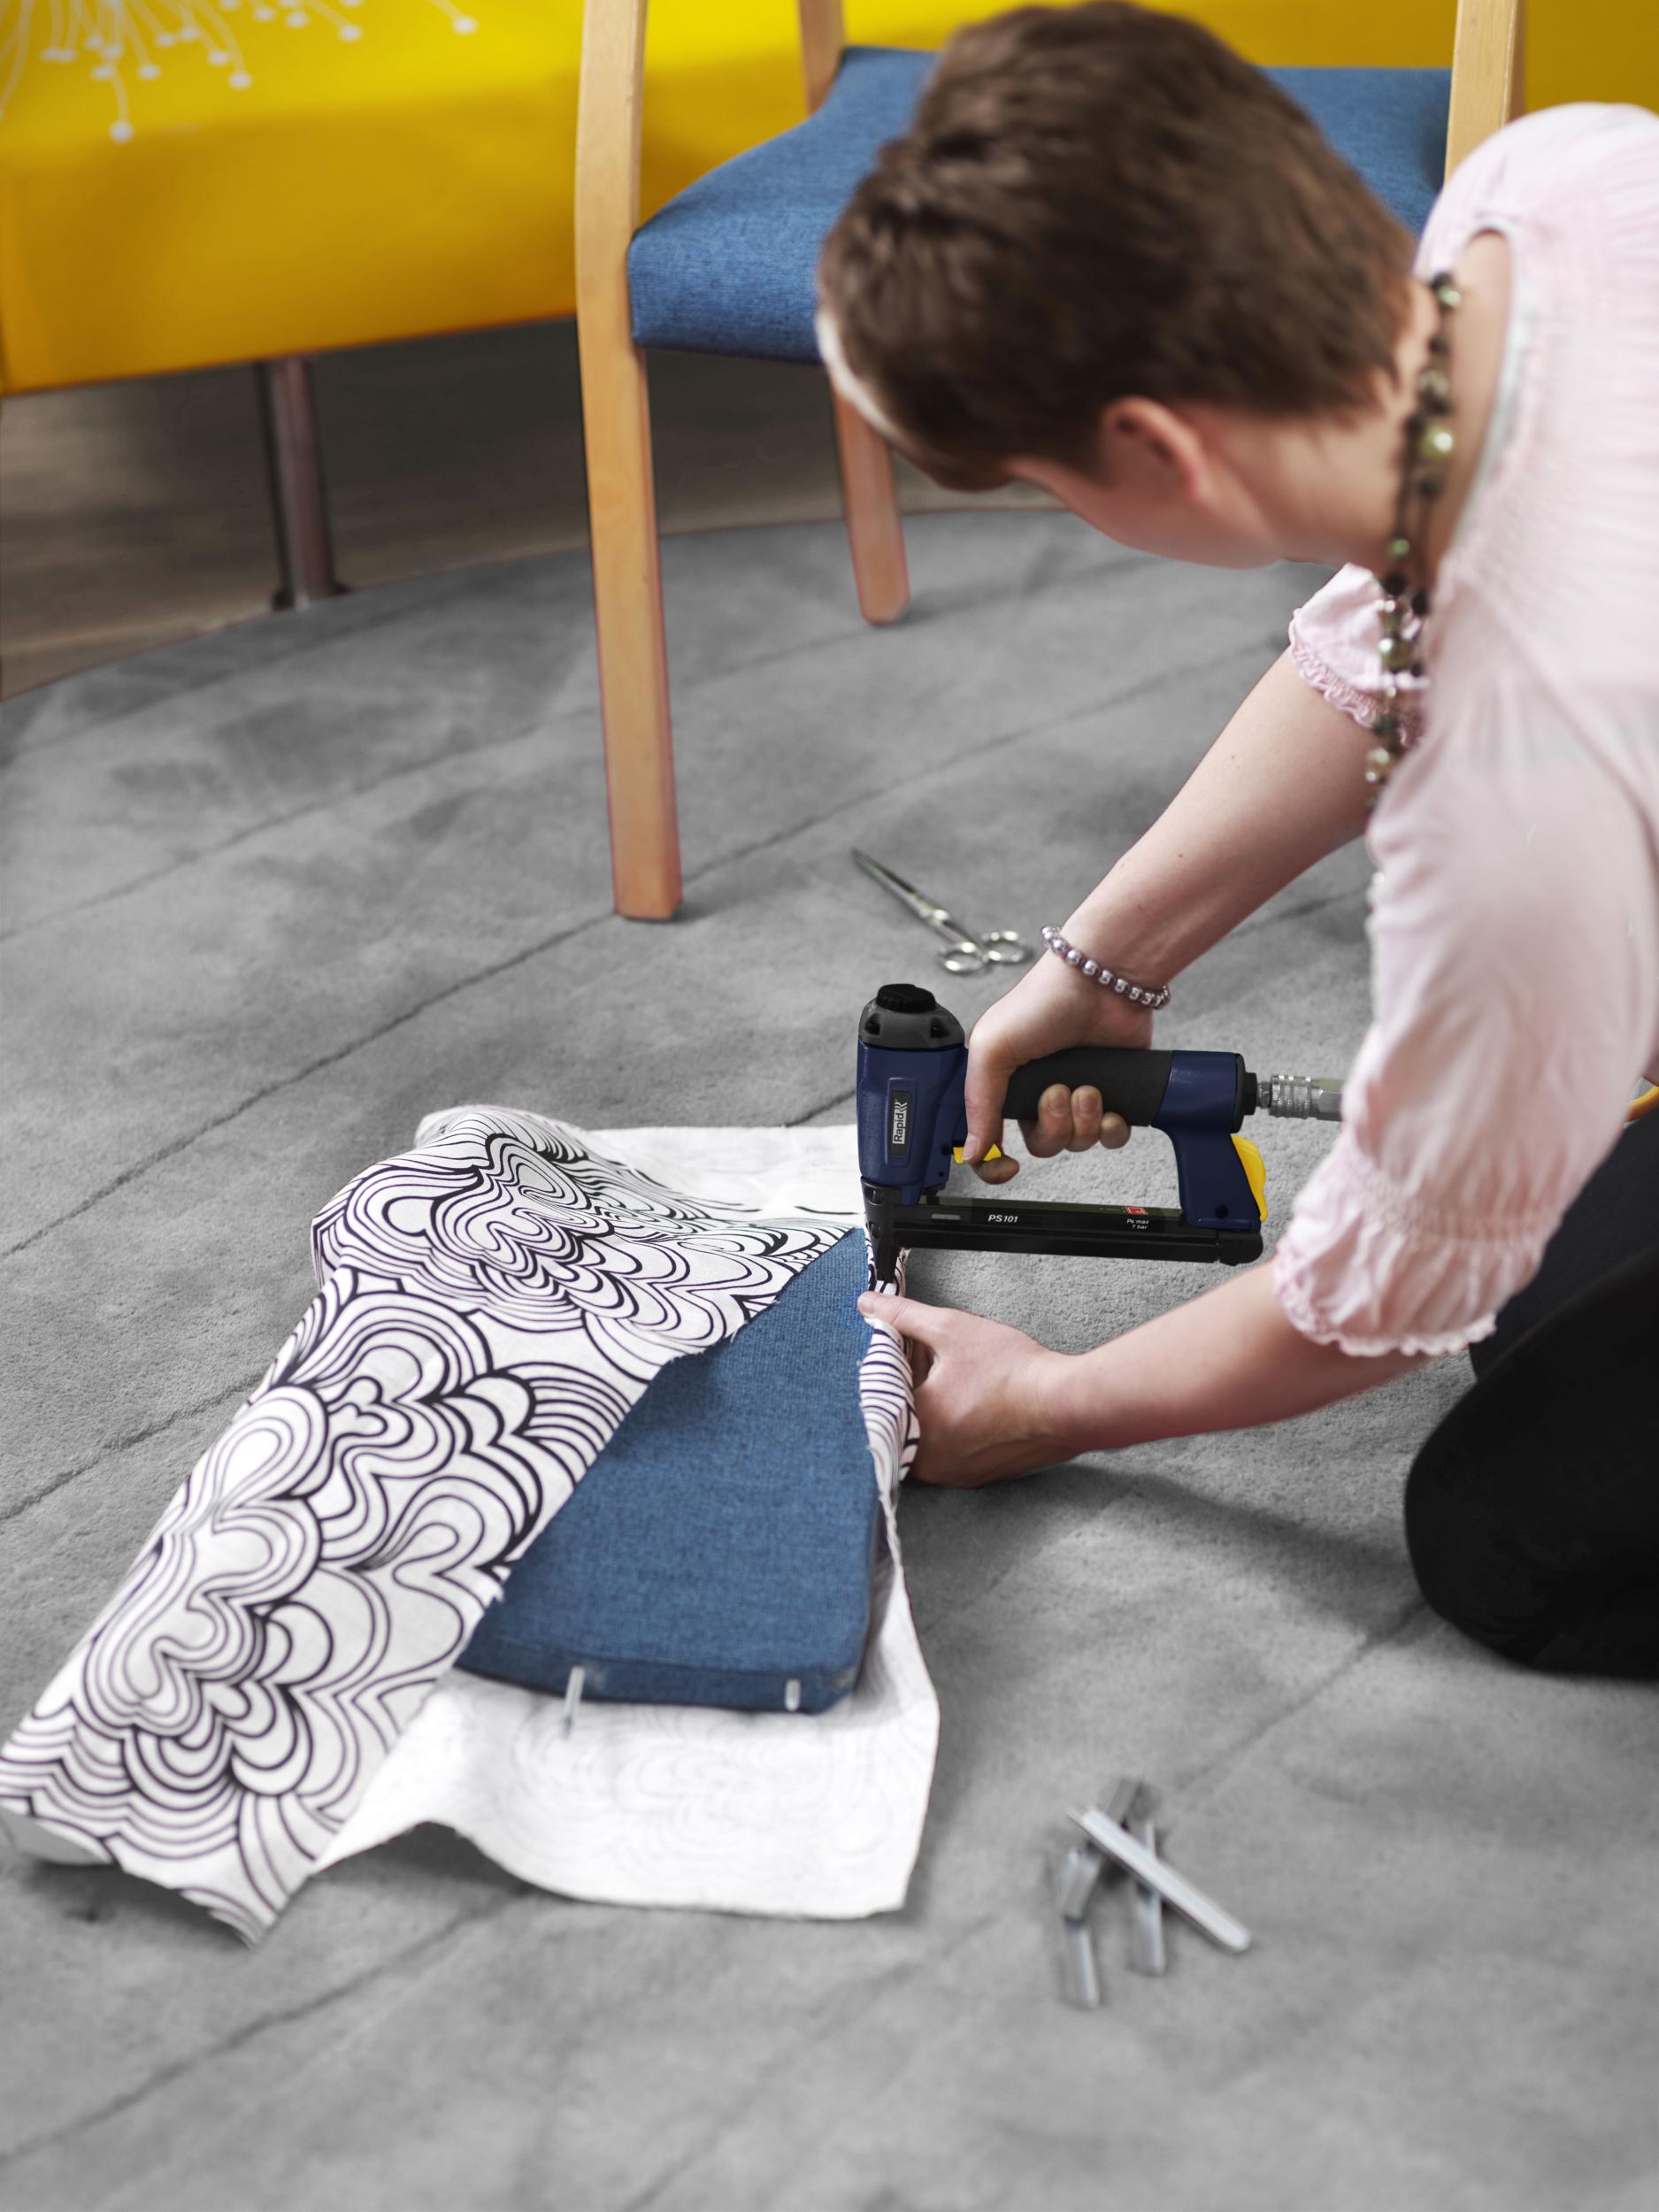 agrafeuse pour changer le tissu d'une chaise longue